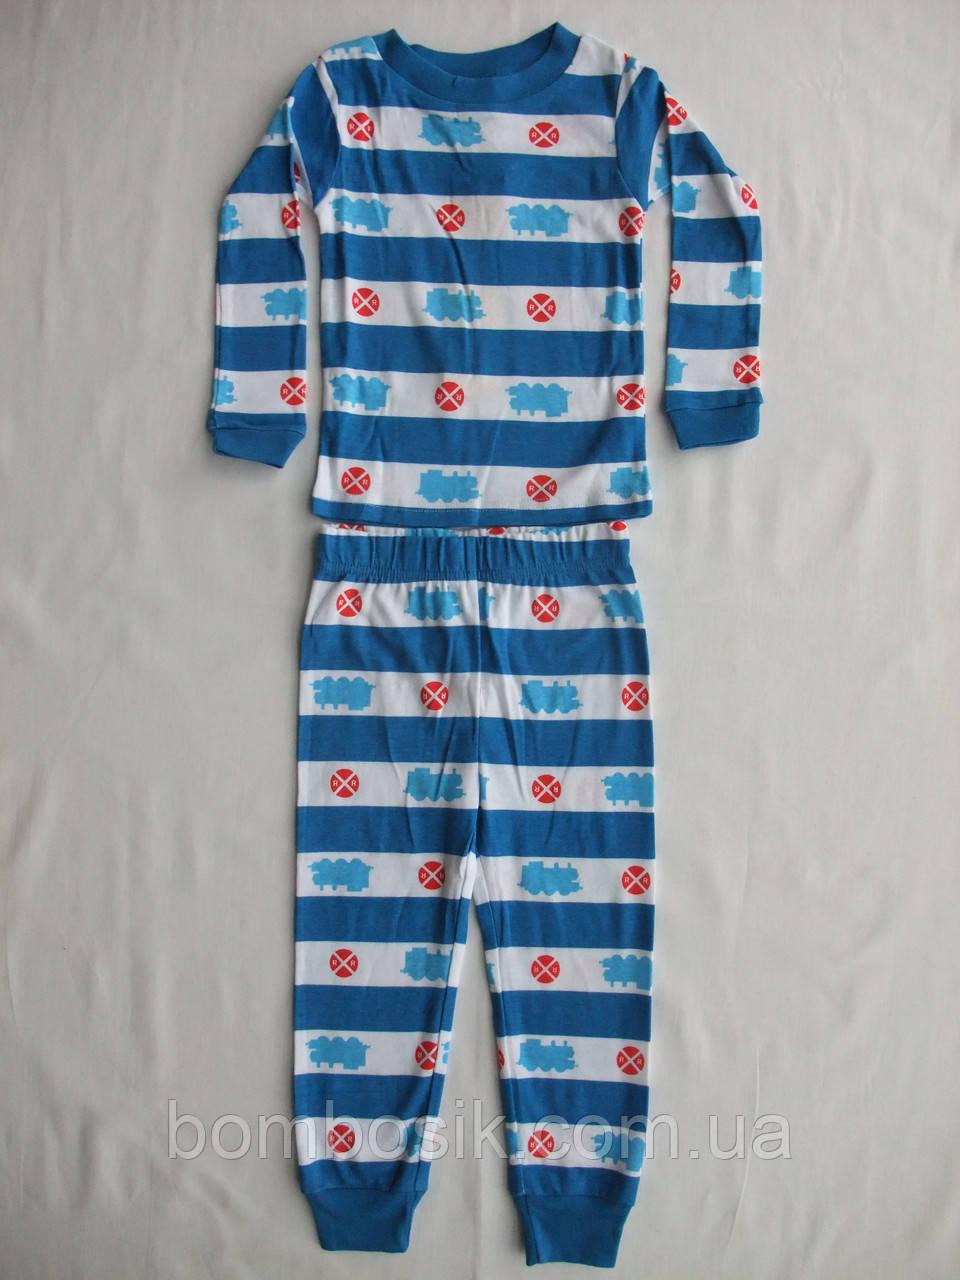 Піжама для хлопчика Томас: